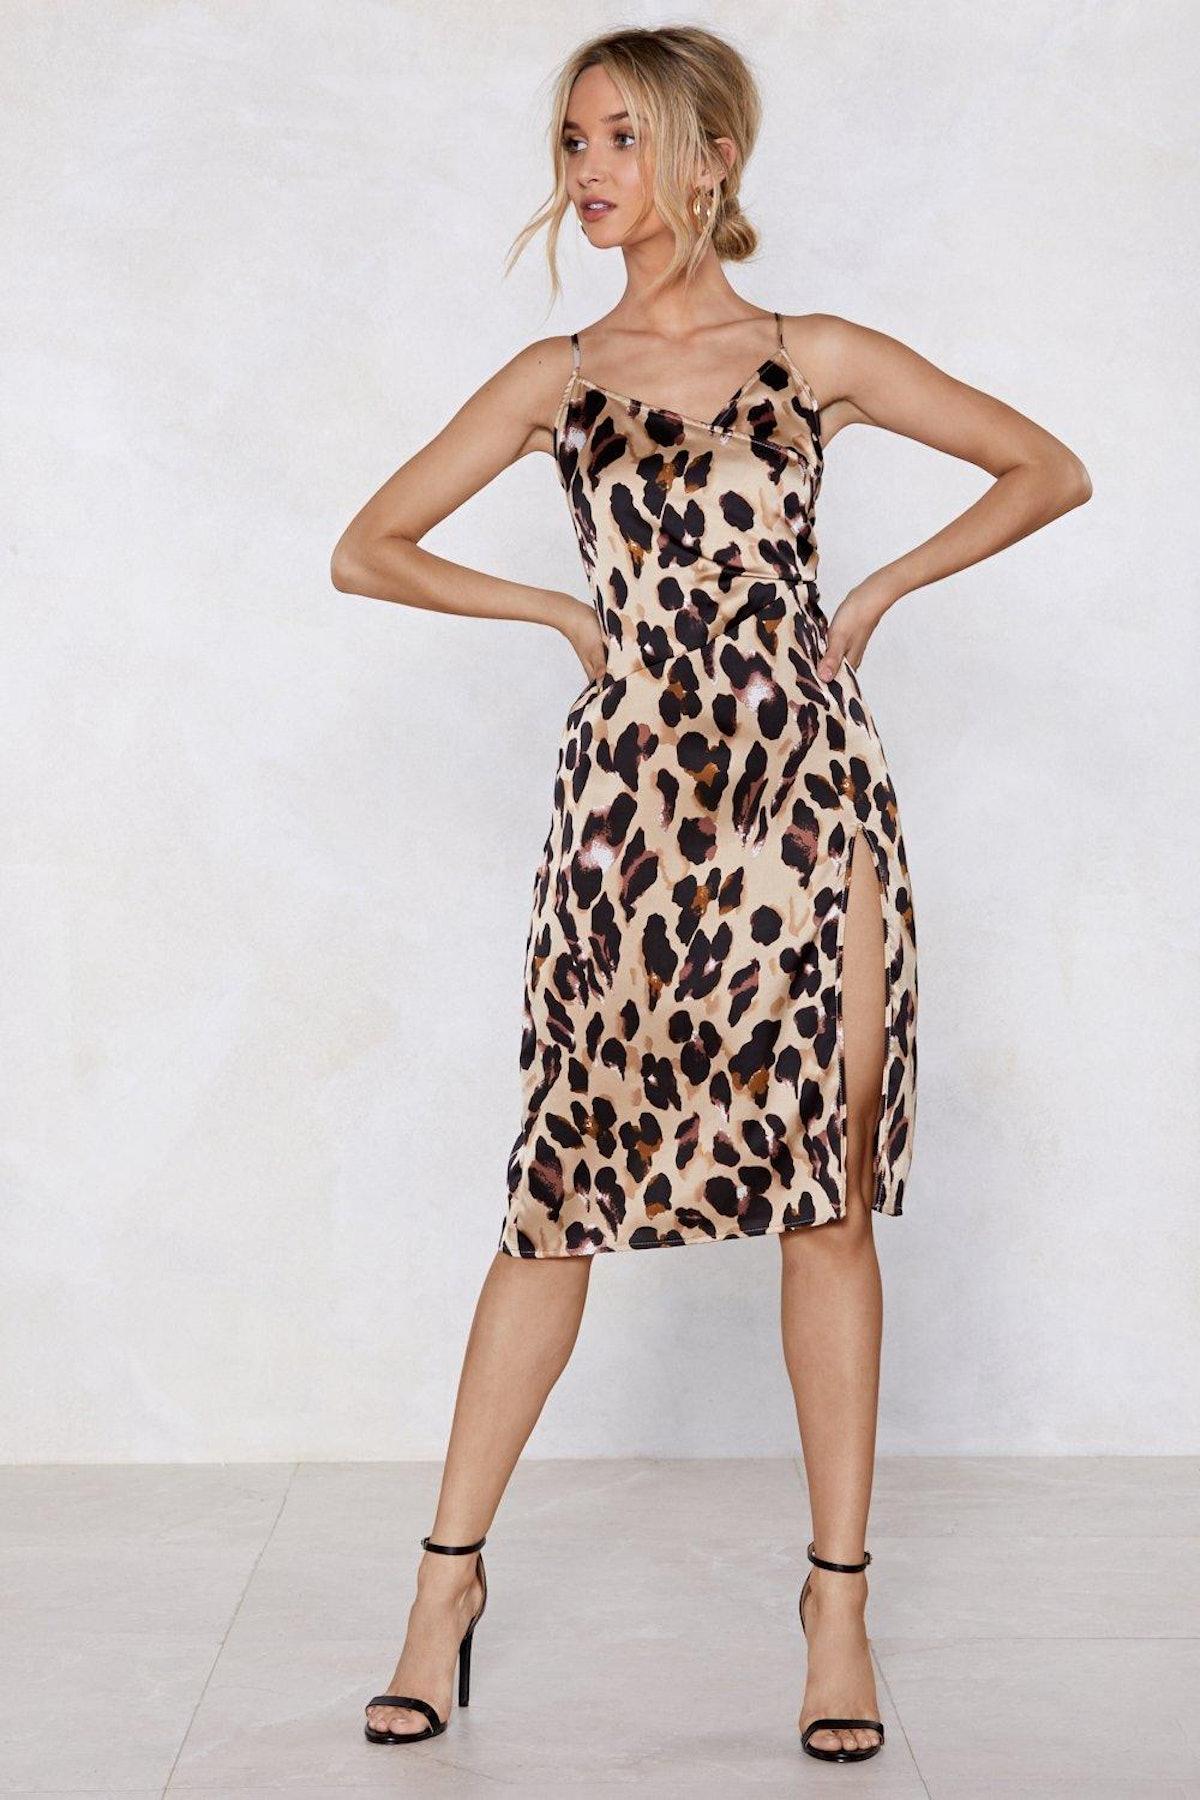 So Fierce Leopard Dress